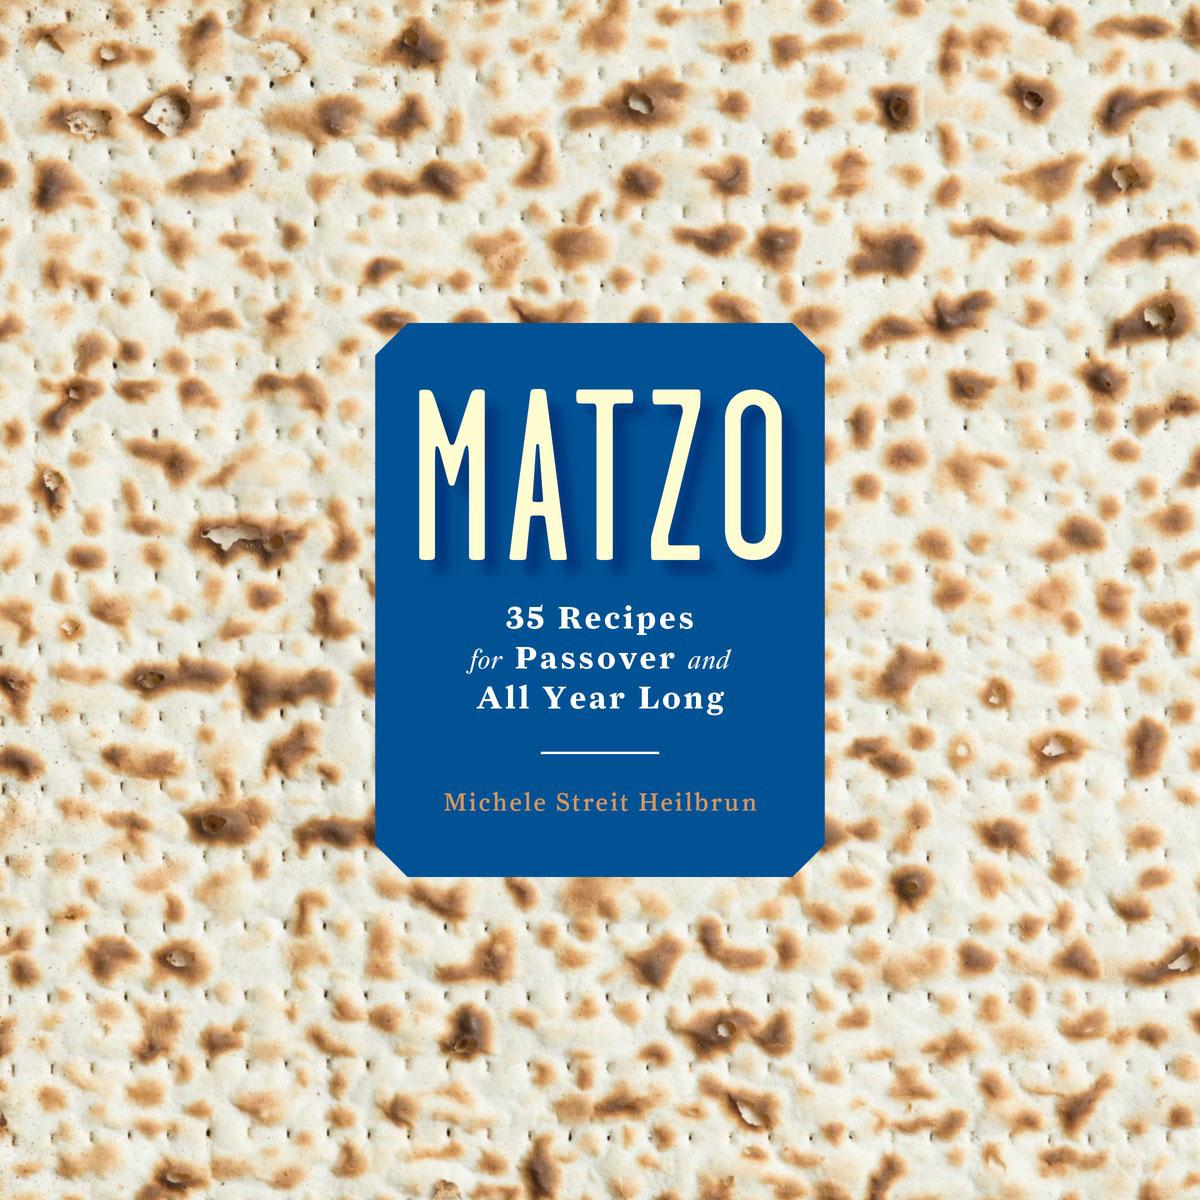 Matzo гапонова и носова е немецкие сказки тексты и упражнения deutsche marchen ein text und ubungsbuch